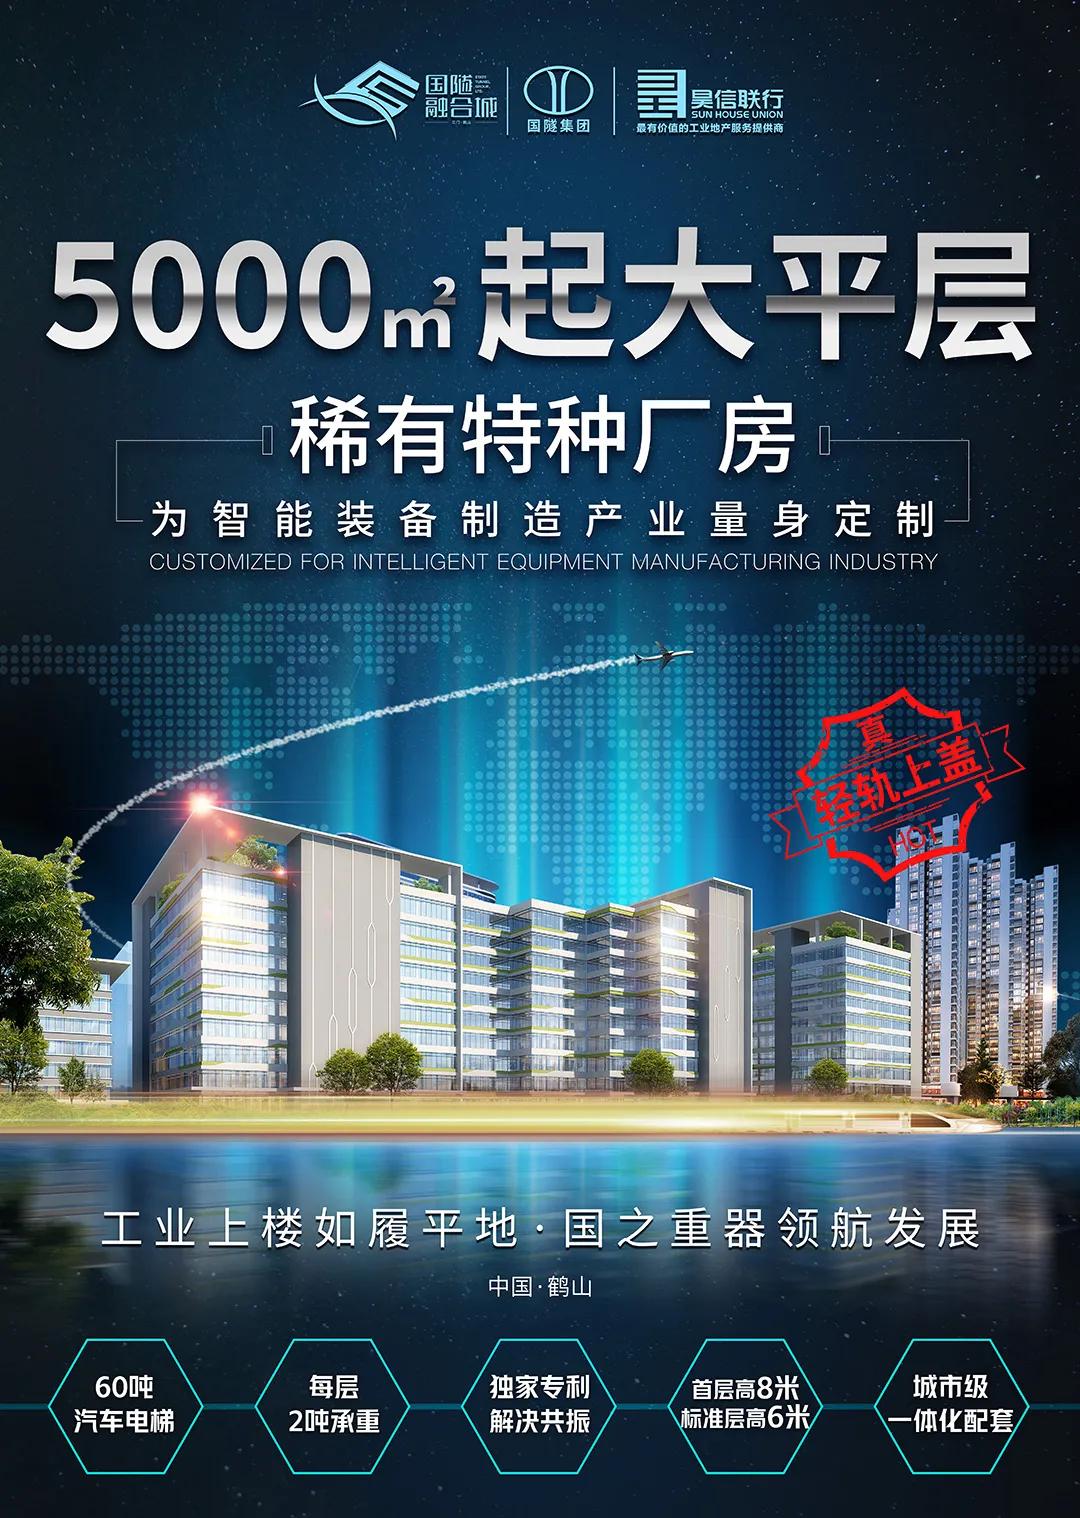 「国隧融合城」国隧集团扎根鹤山,打造万亩产城融合科技城